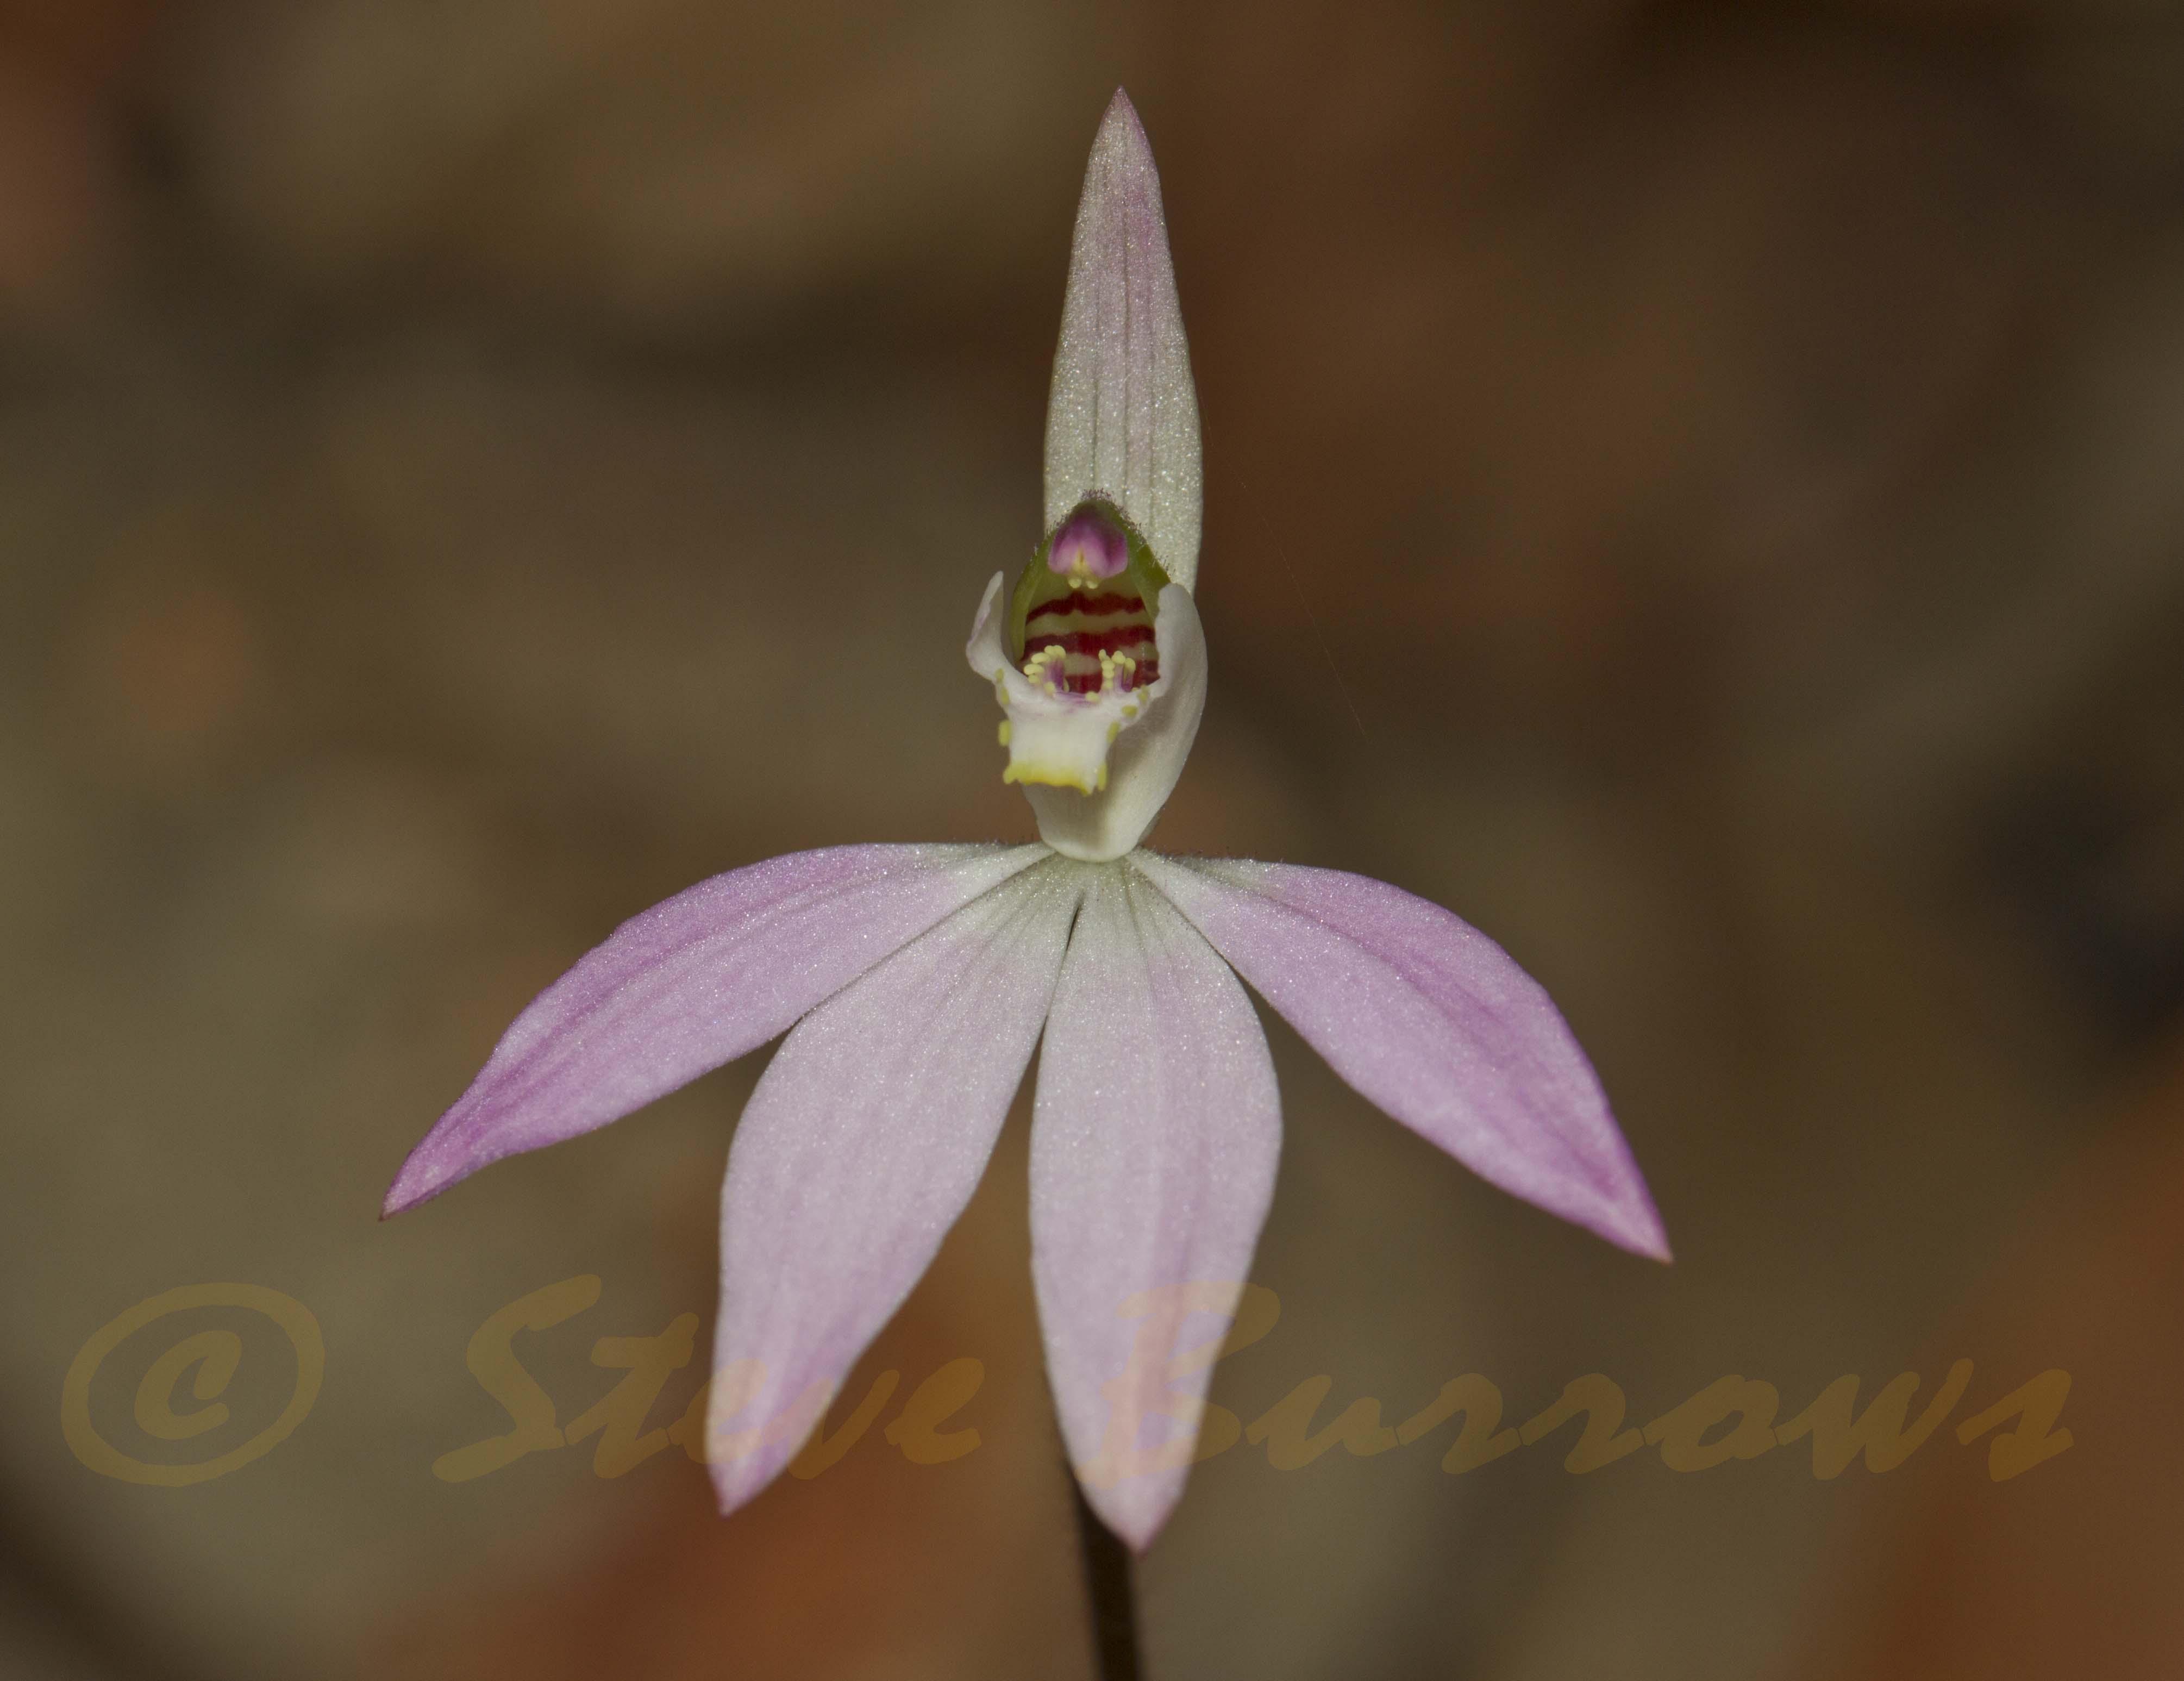 Image courtesy of Steve Burrows Caladenia carnea